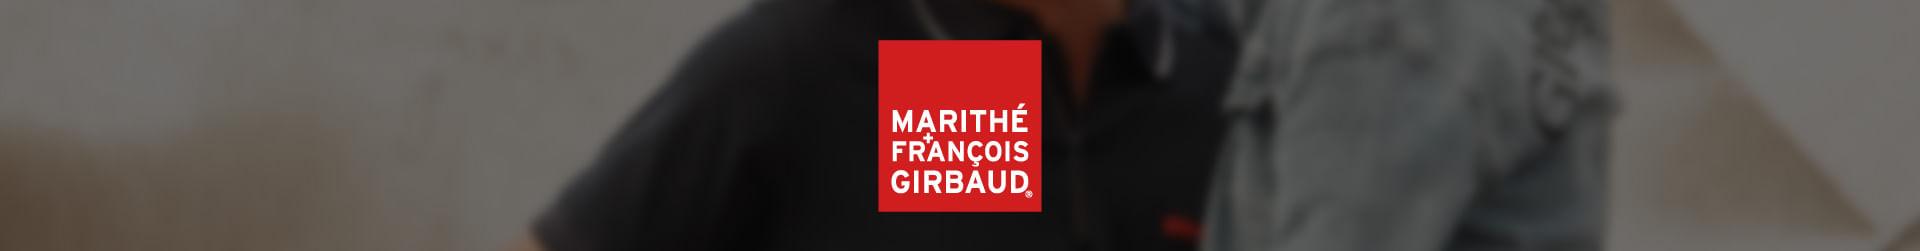 Encuentra todos los productos de la marca Marithe Francois Girbaud